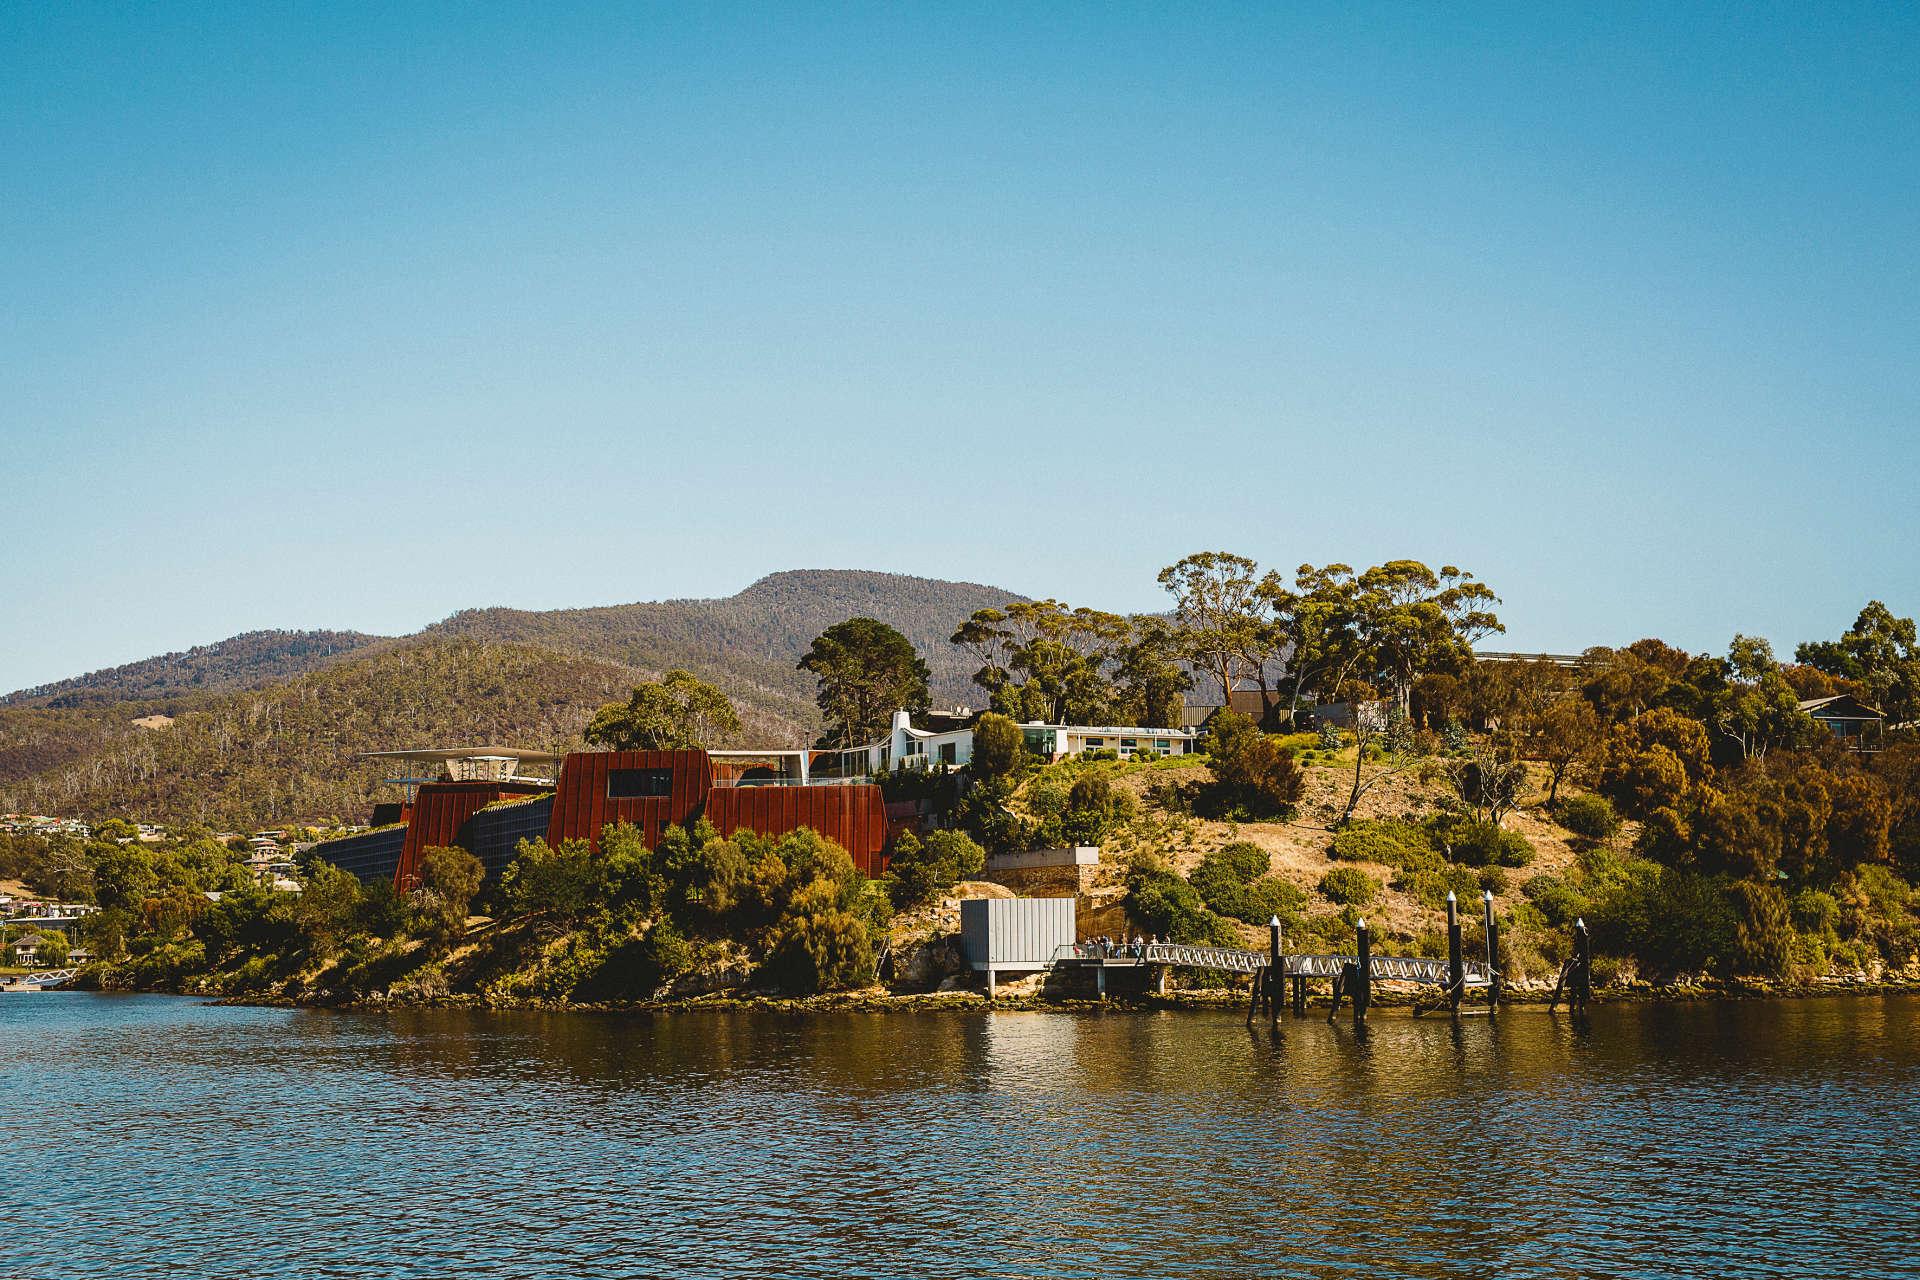 L'ouverture en 2011 du MONA, Museum of Old and New Art, a permis à la Tasmanie d'attirer davantage de visiteurs.